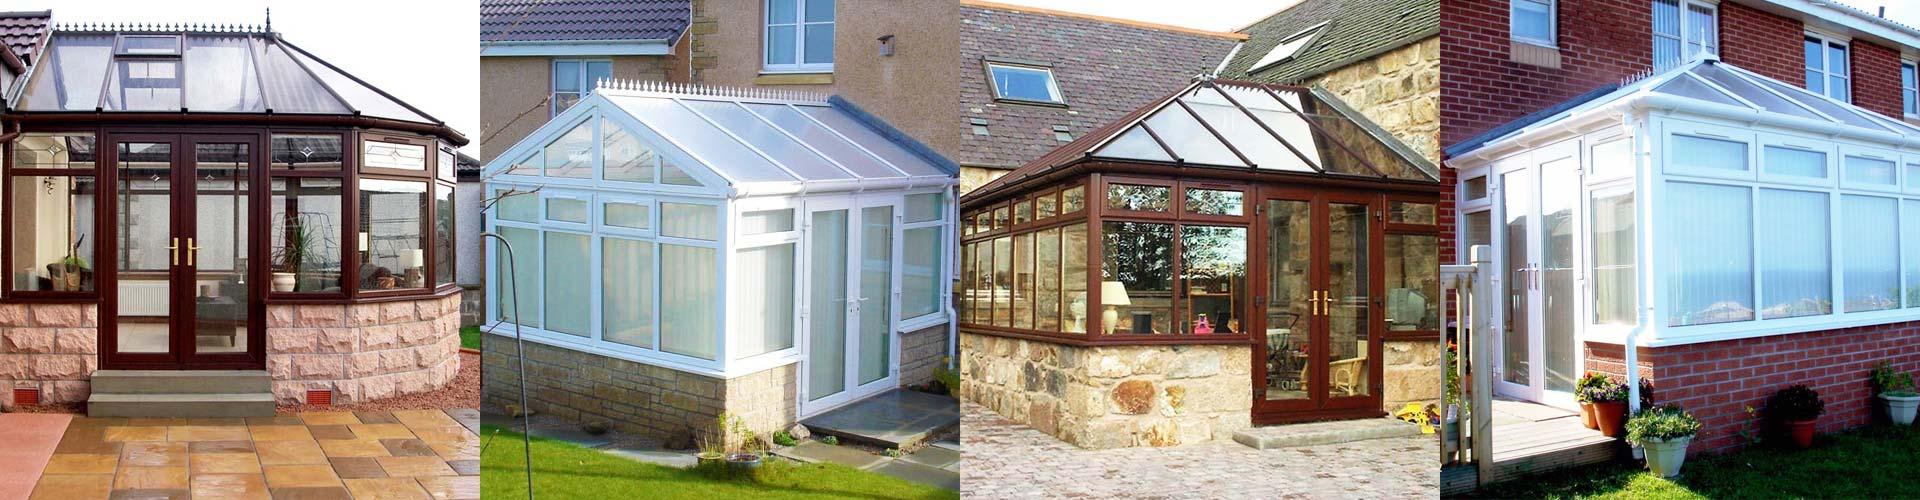 Conservatories Aberdeenshire, Aberdeen & North East Scotland